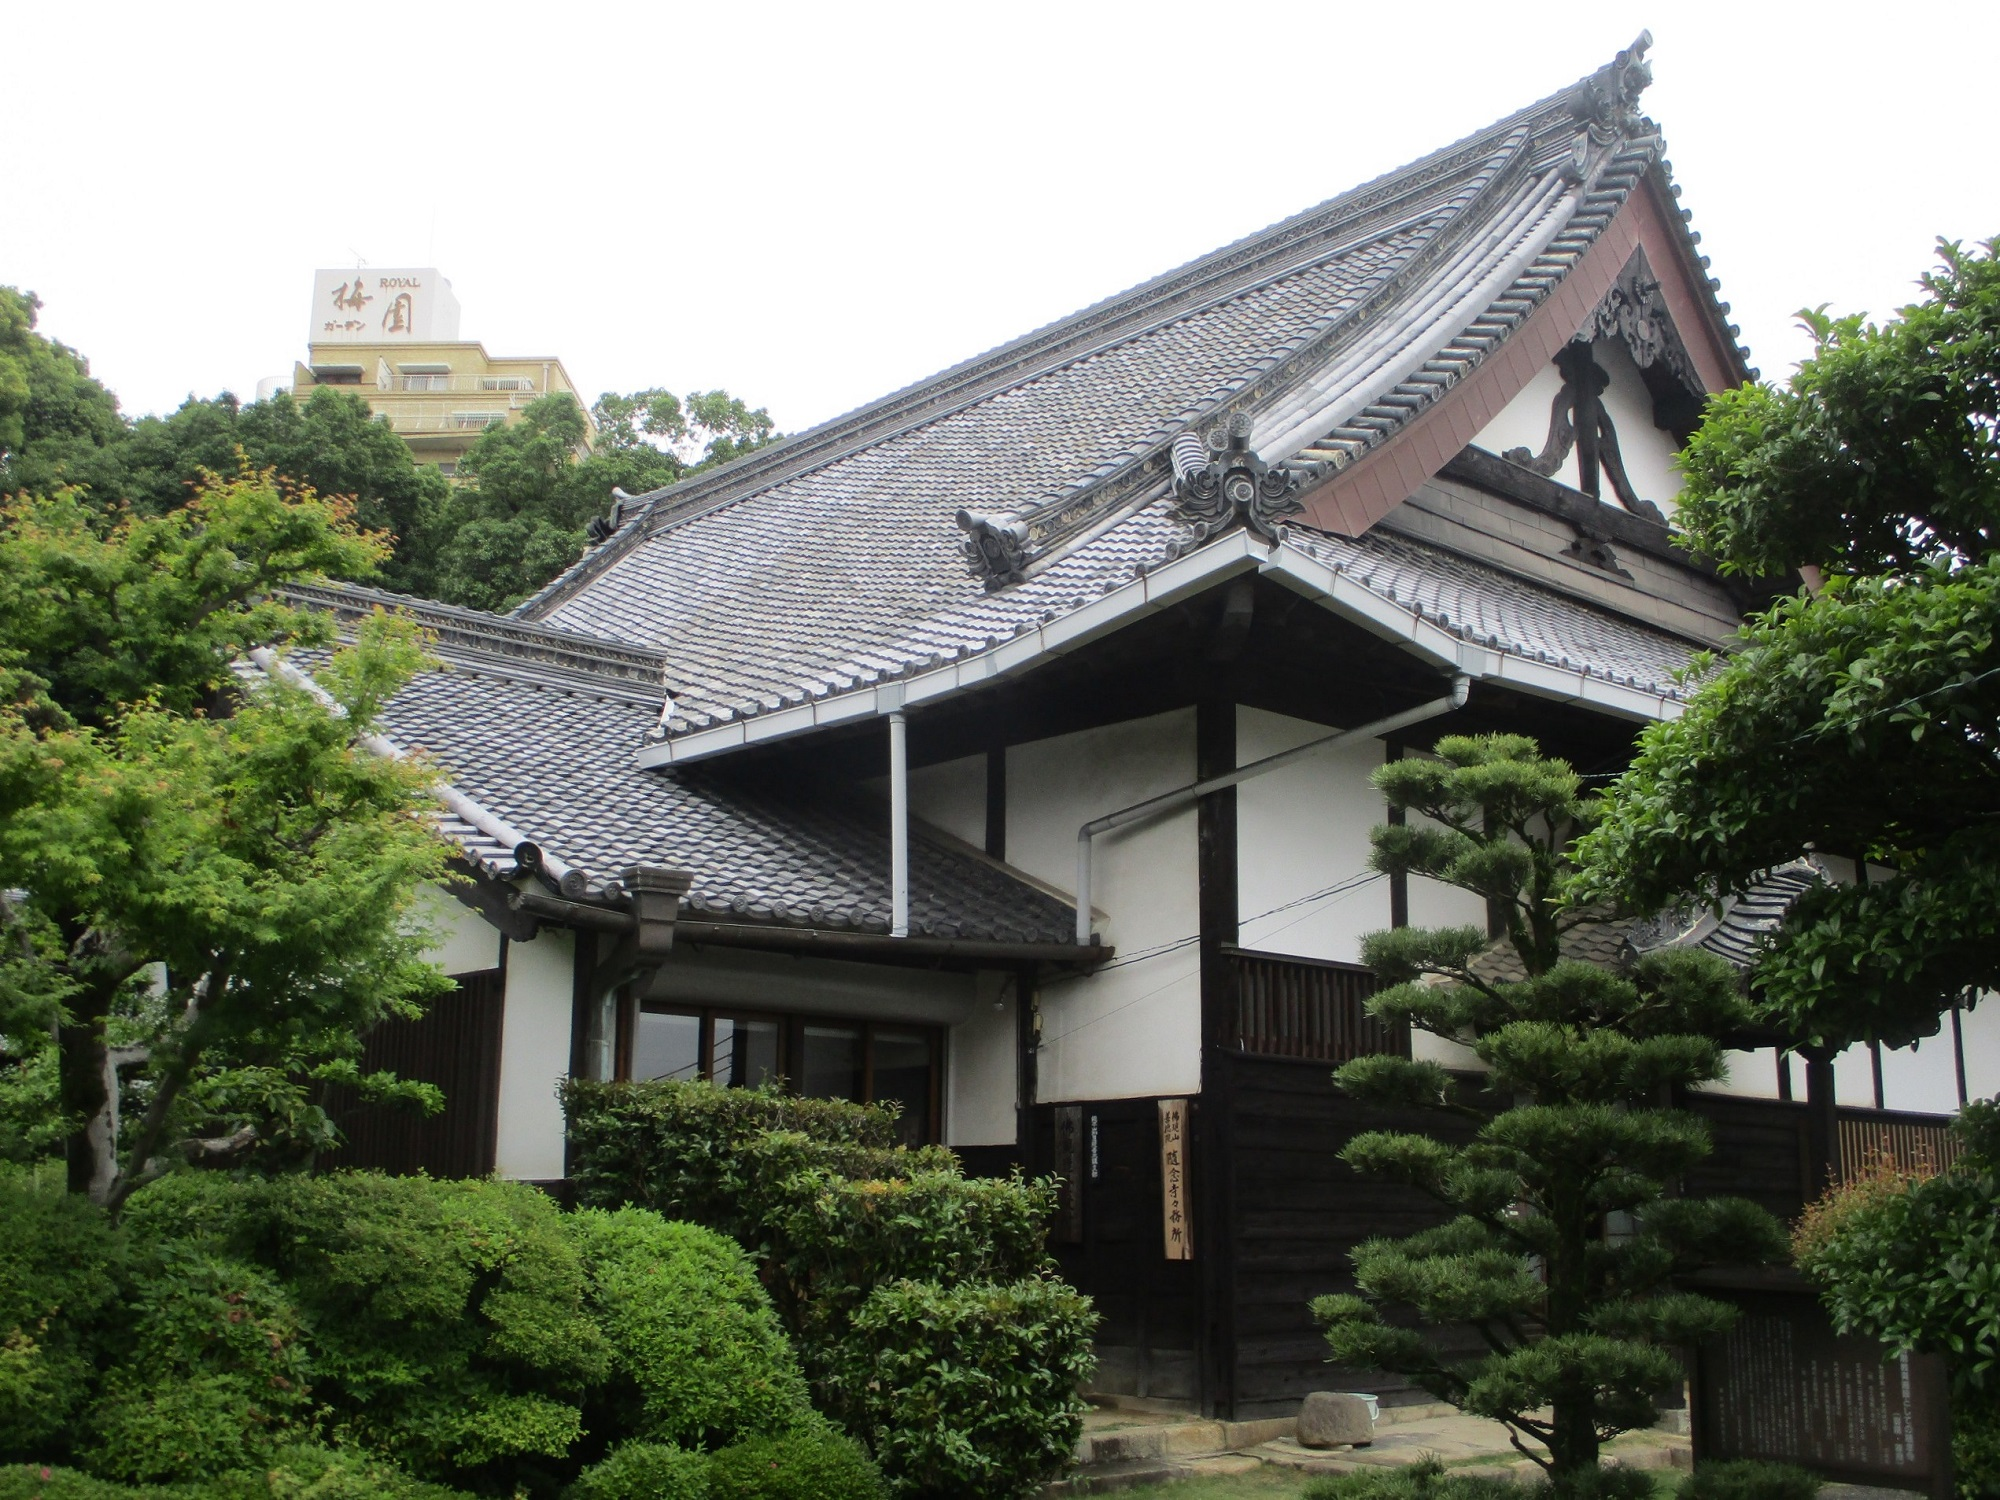 2020.5.19 (7) 随念寺 - おくり 2000-1500